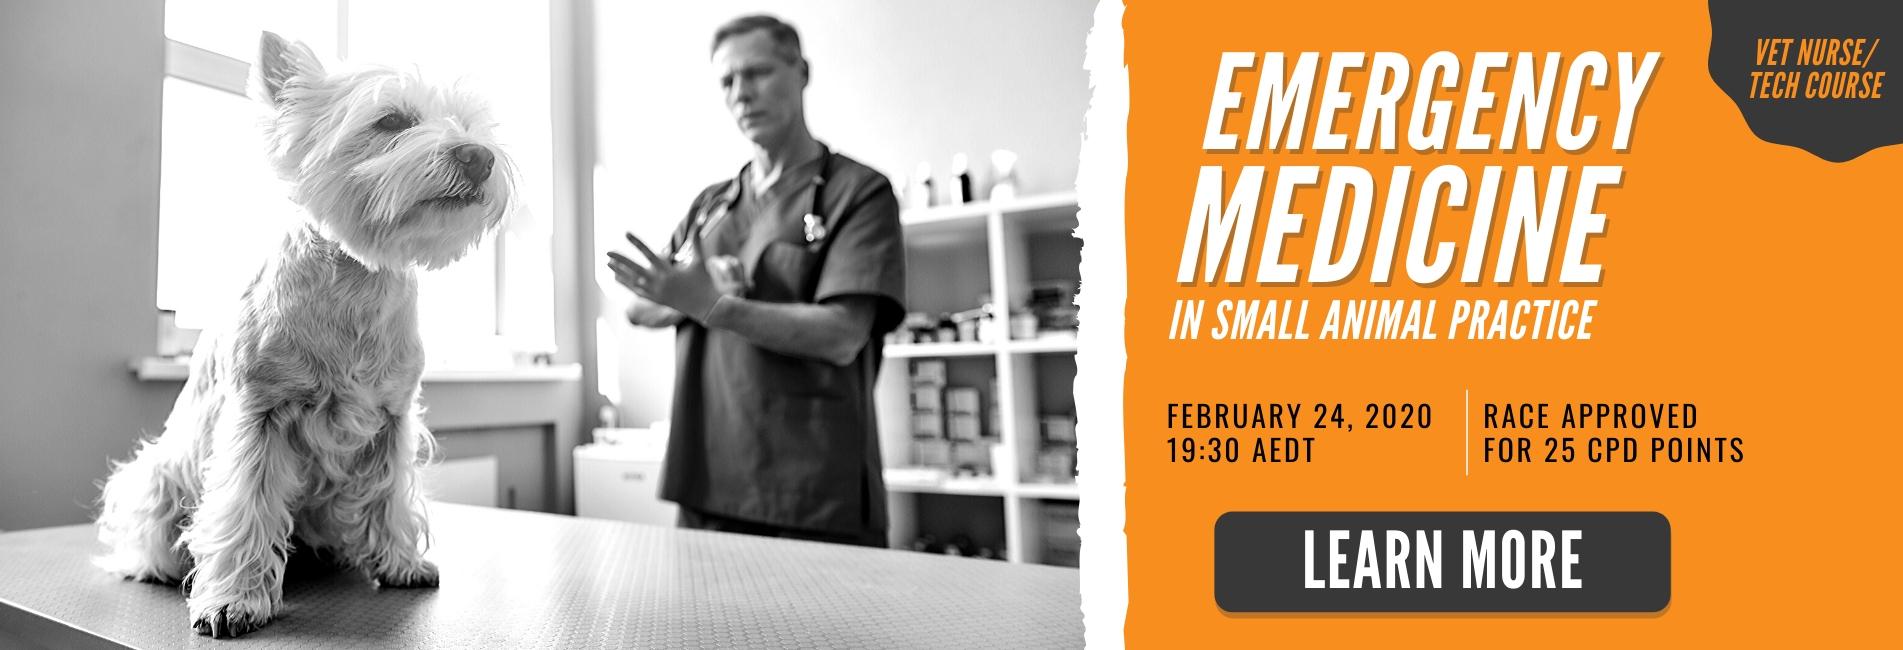 emergency medicine - vet nurse tech course 2020